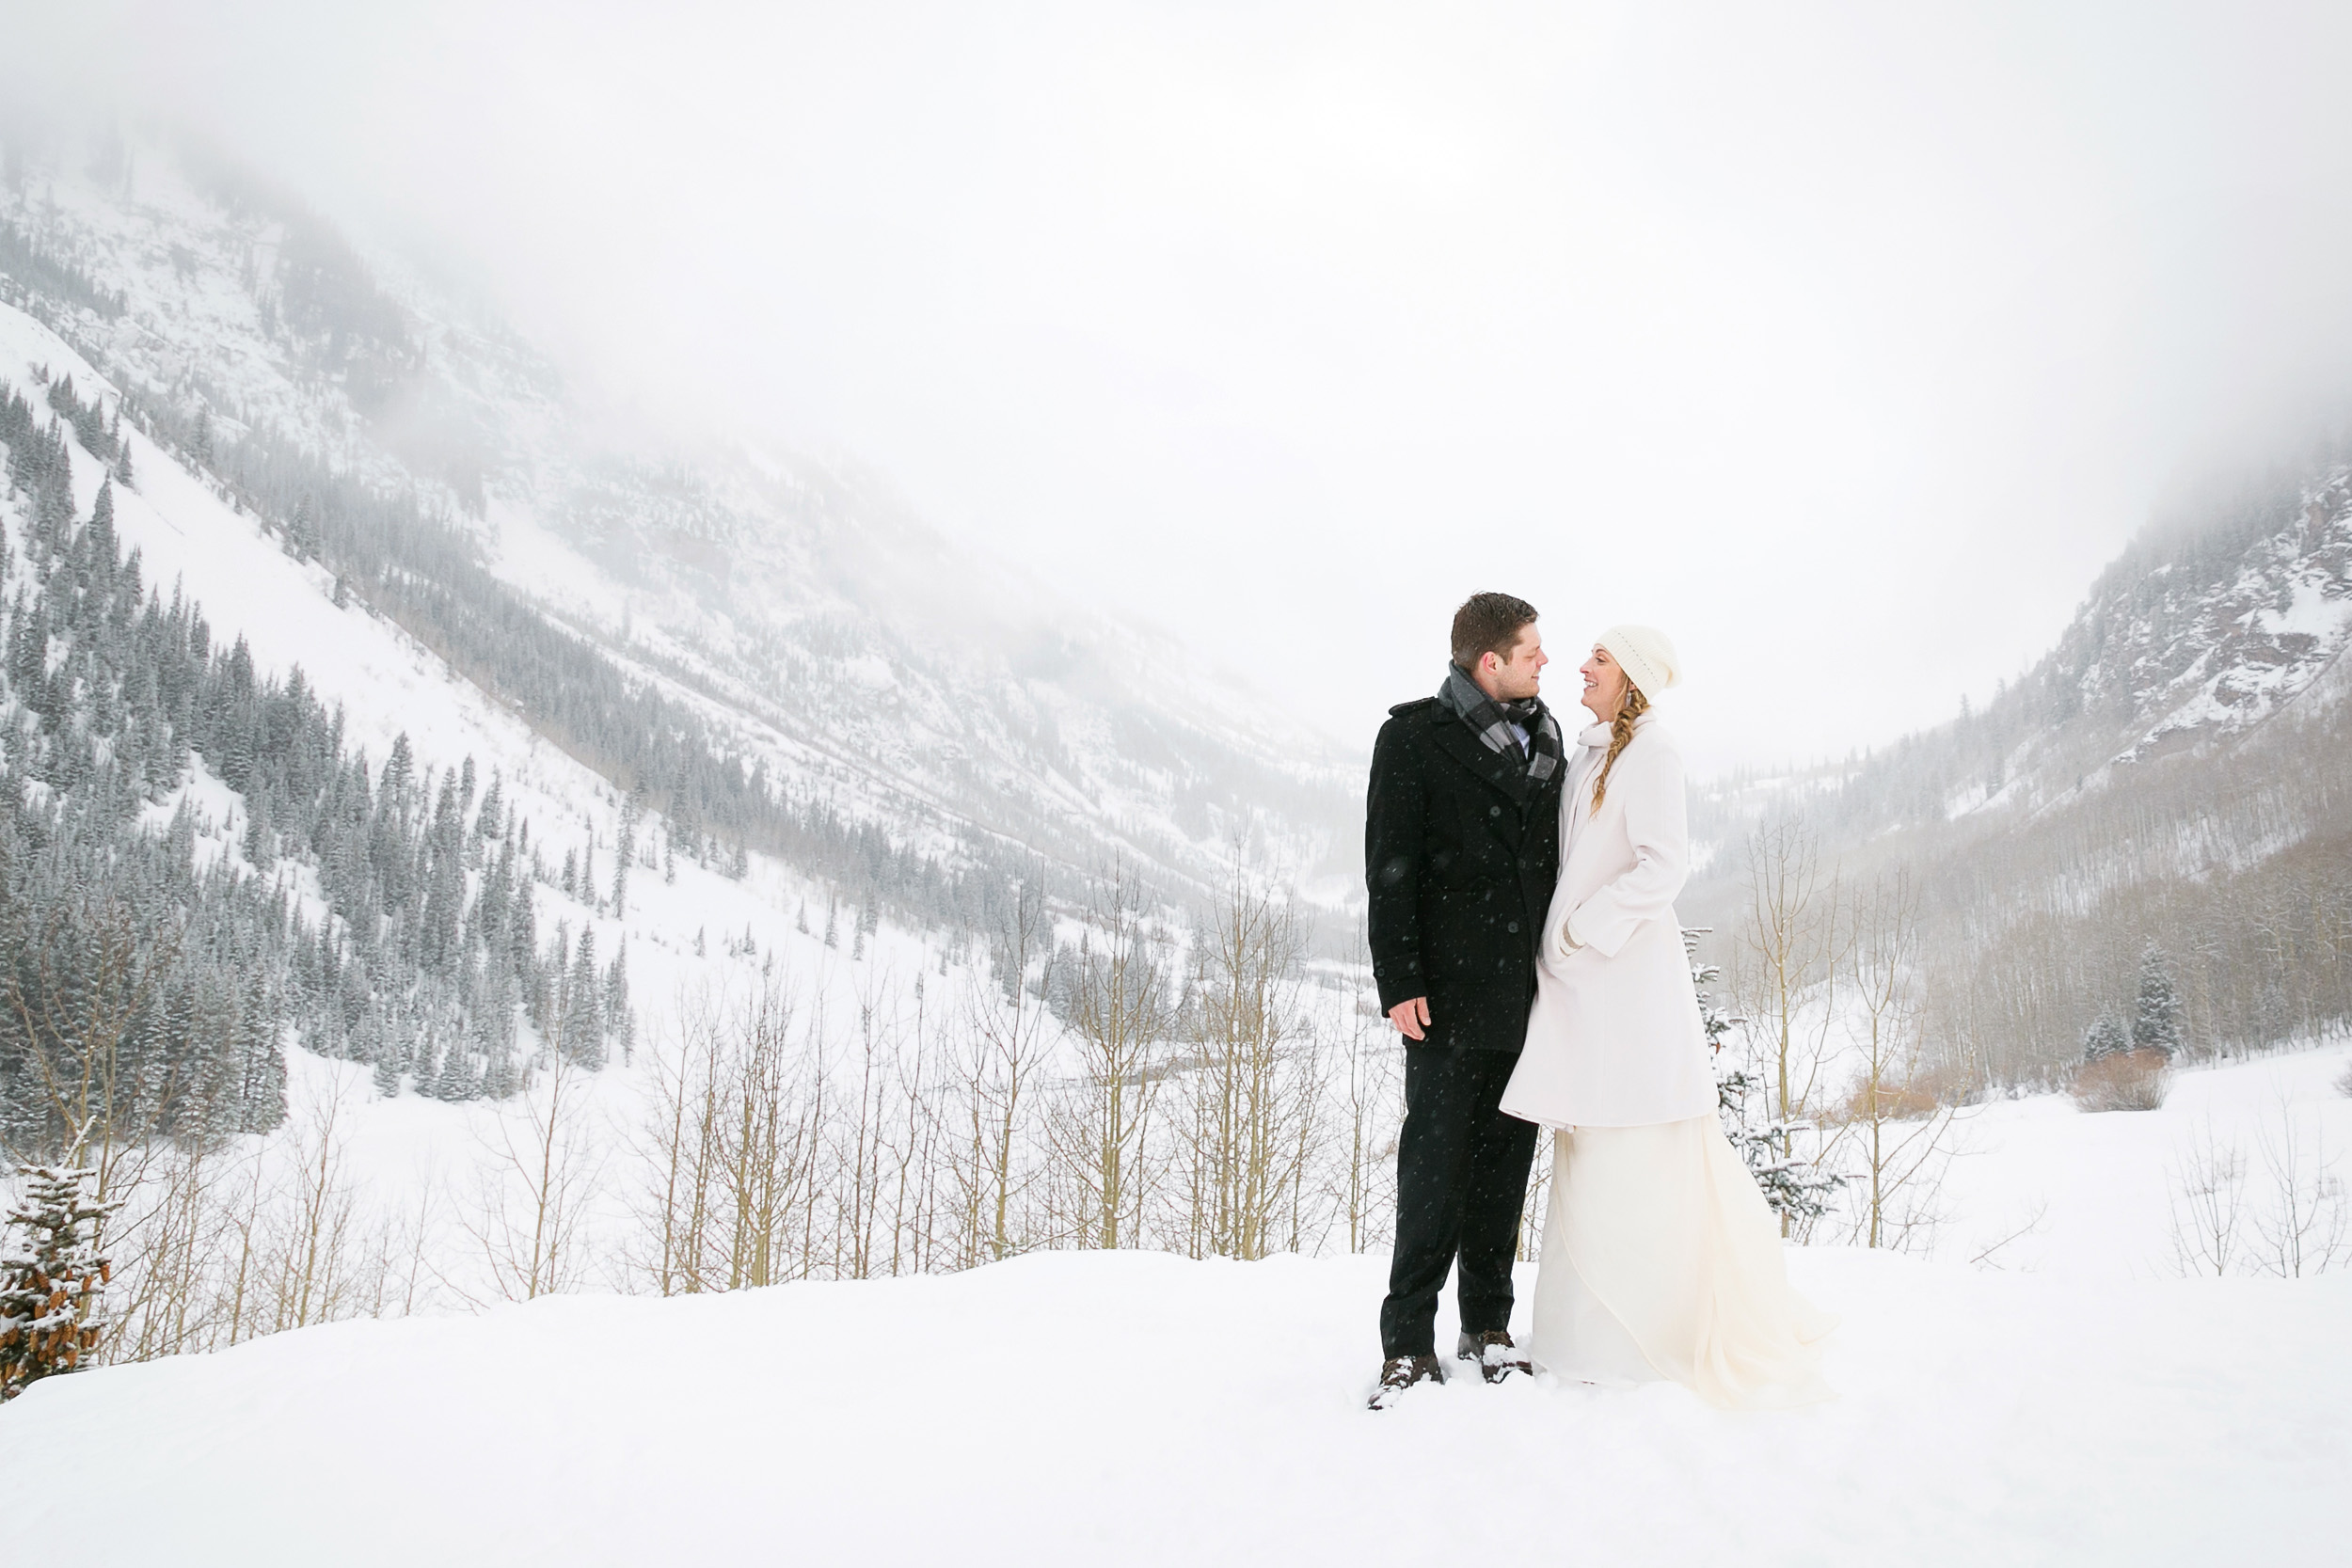 Aspen-Wedding-in-Winter-033.jpg